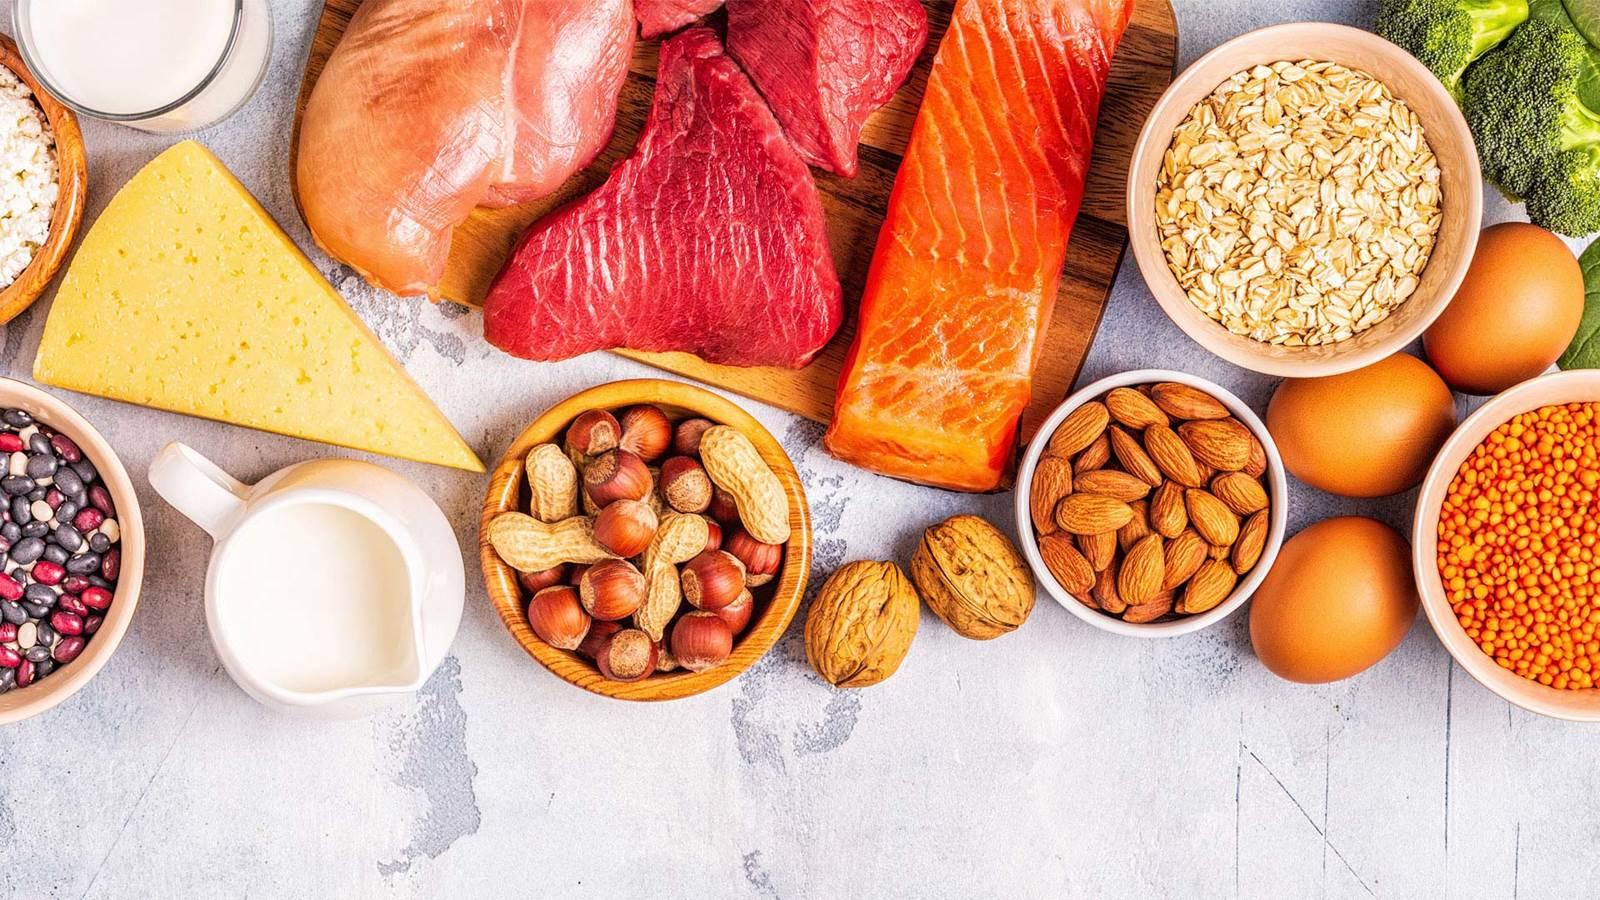 Un coup d'œil sur des ingrédients crus tels que des œufs, du saumon, du poulet, des graines, du lait, de la viande, du fromage, des amandes et des haricots.